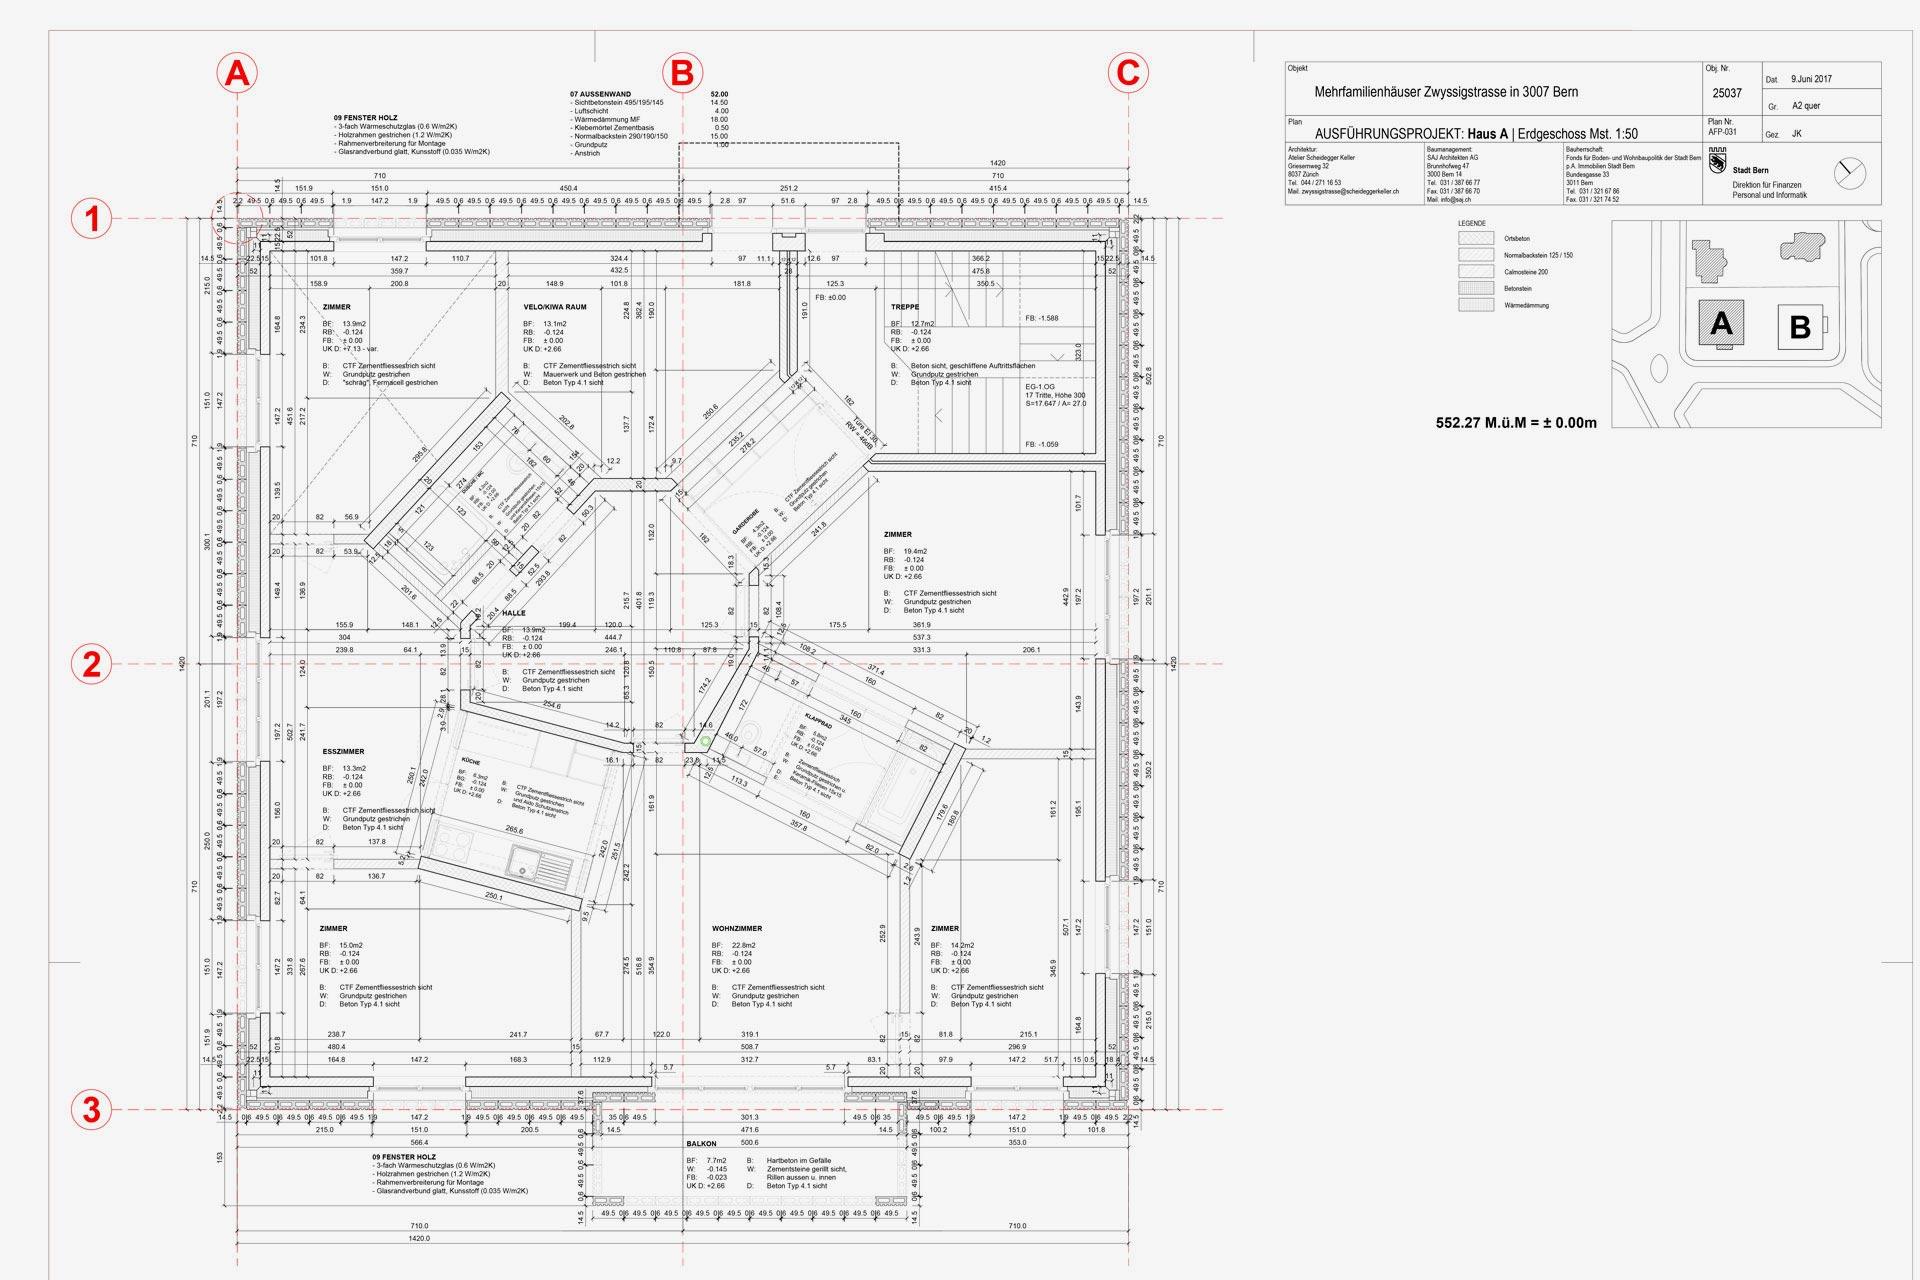 Referenzen, Kanton Bern, Mehrfamilienhäuser Zwyssigstrasse